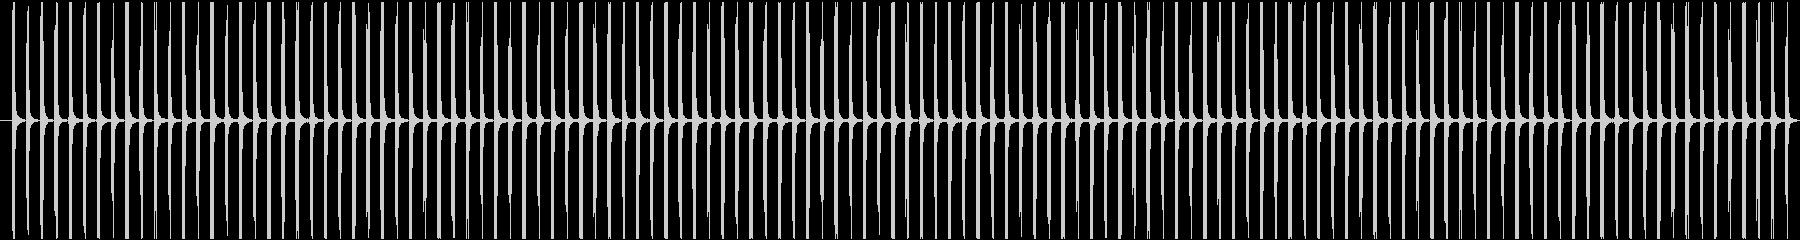 (チッチッ)ストップウォッチの秒針音Bの未再生の波形